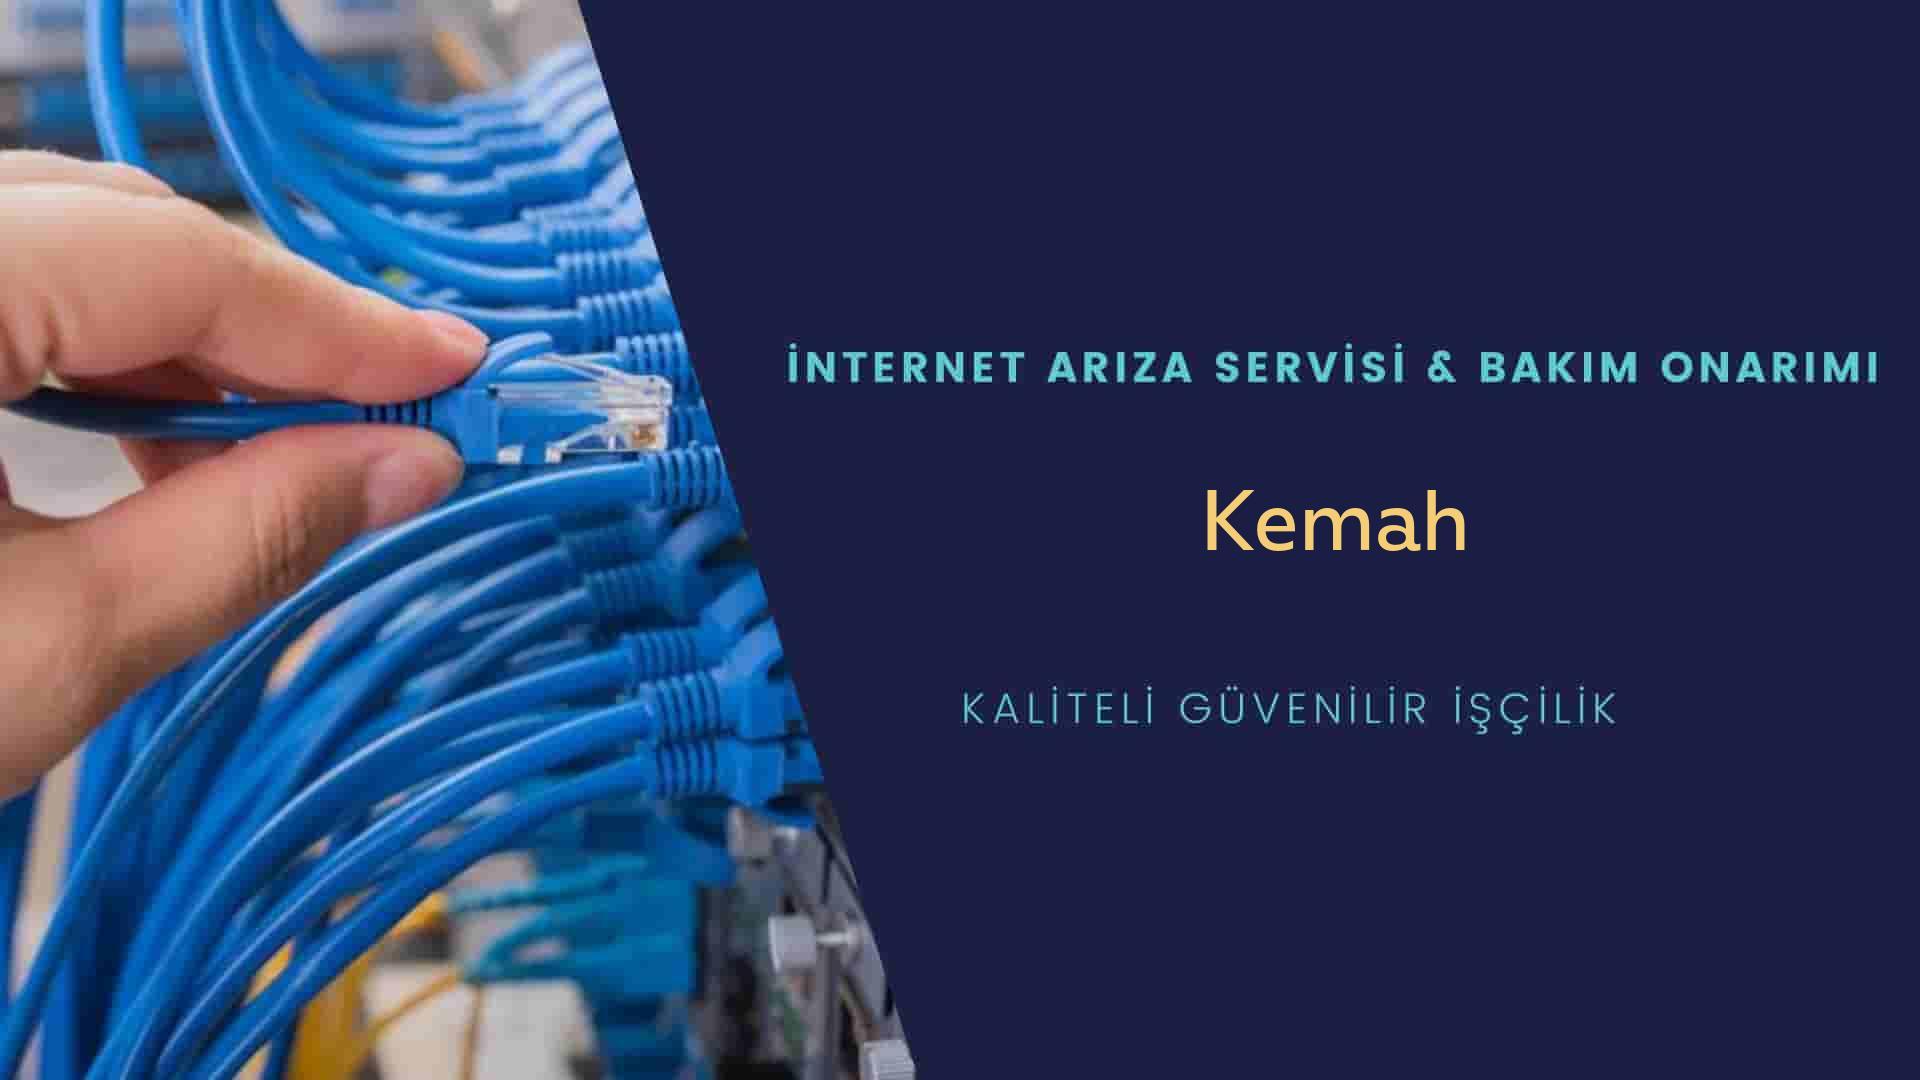 Kemah internet kablosu çekimi yapan yerler veya elektrikçiler mi? arıyorsunuz doğru yerdesiniz o zaman sizlere 7/24 yardımcı olacak profesyonel ustalarımız bir telefon kadar yakındır size.